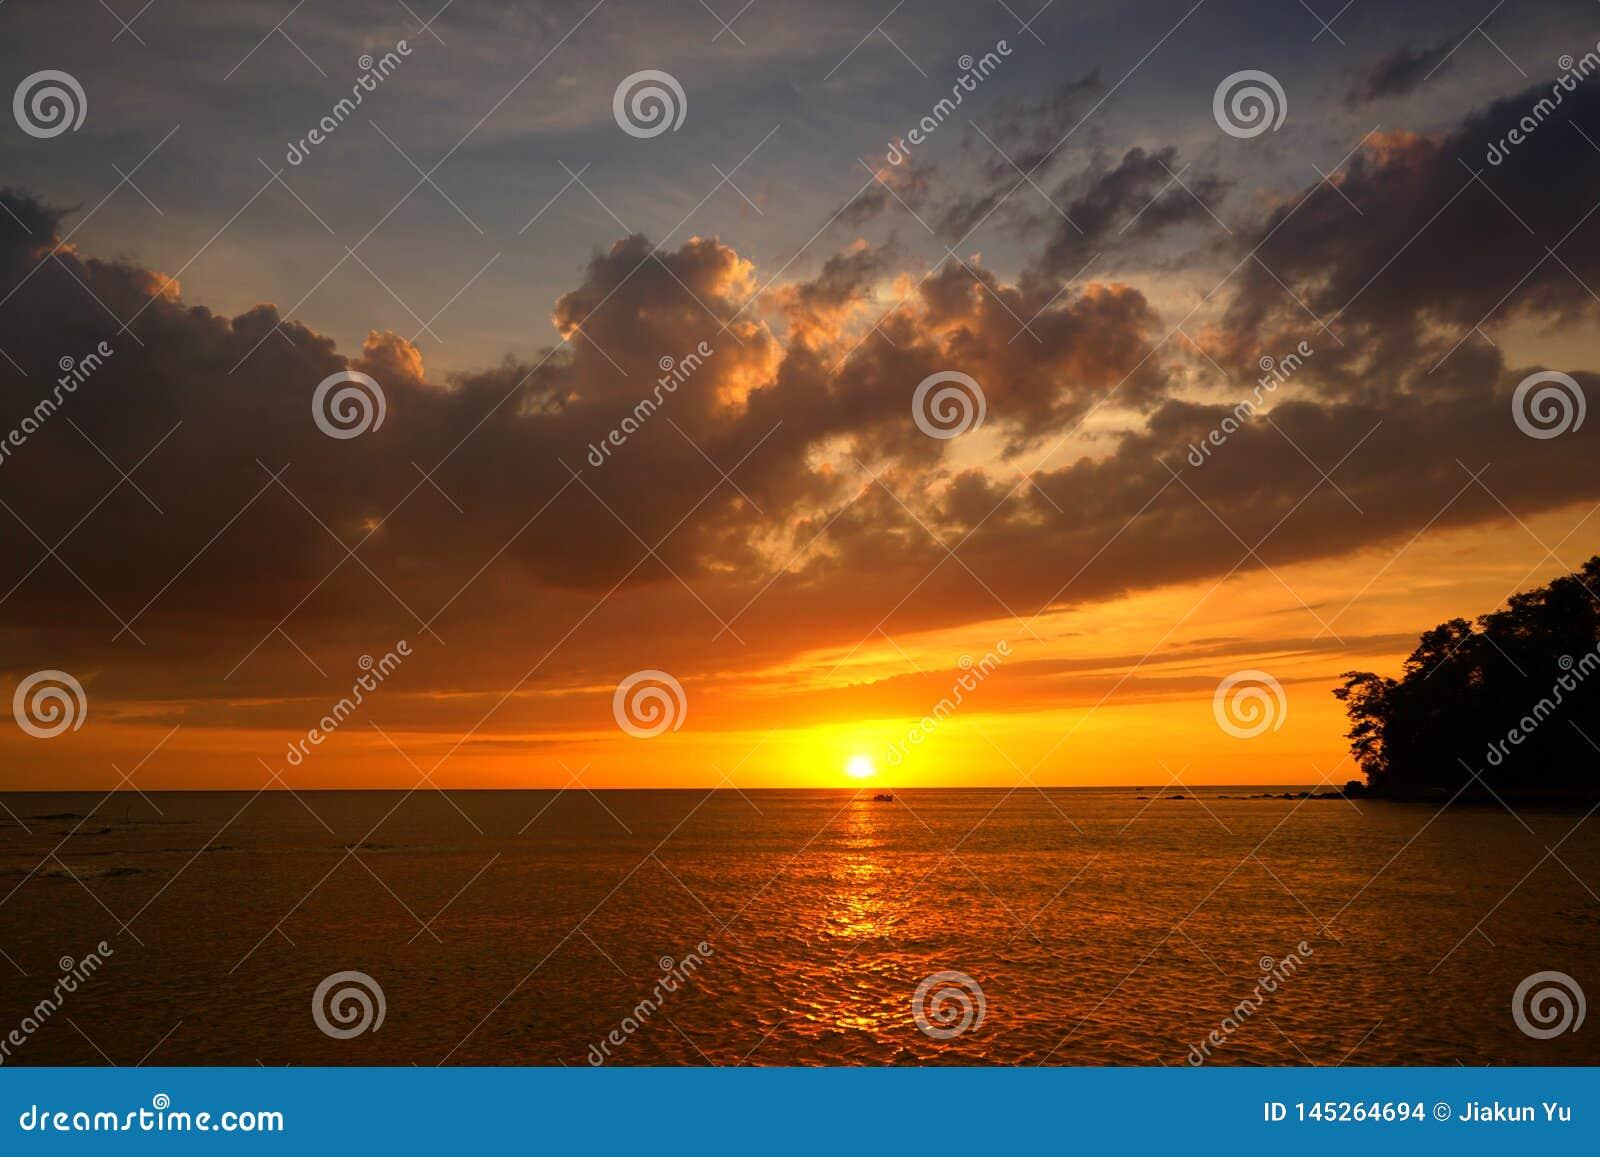 Goldener Sonnenuntergang auf dem Strand mit Abendglühen Das rote Licht der Seereflexion wie Sonnenaufgang